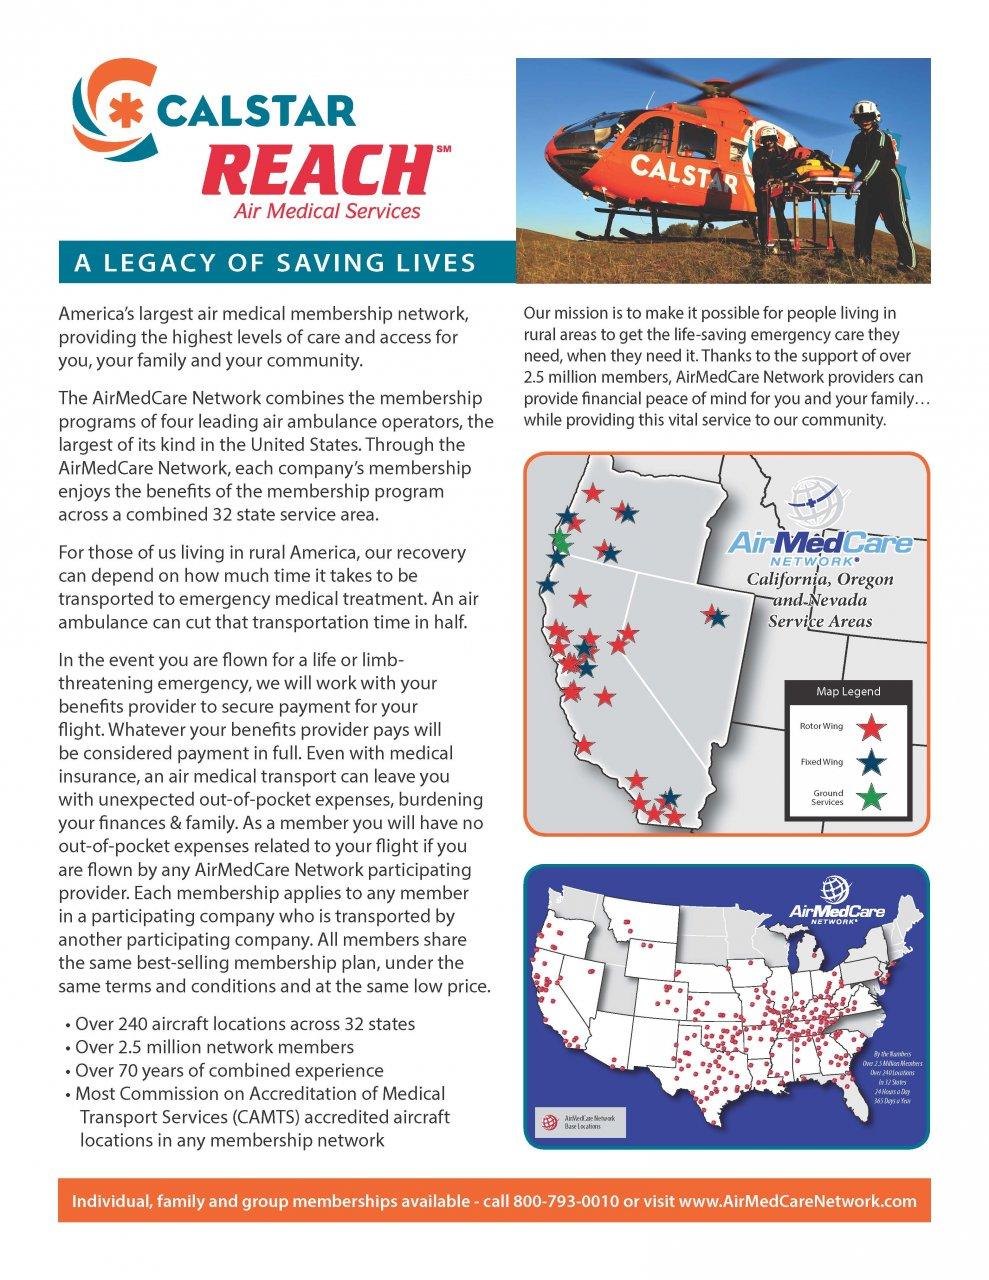 CALSTAR REACH Quick Facts Flyer.jpg